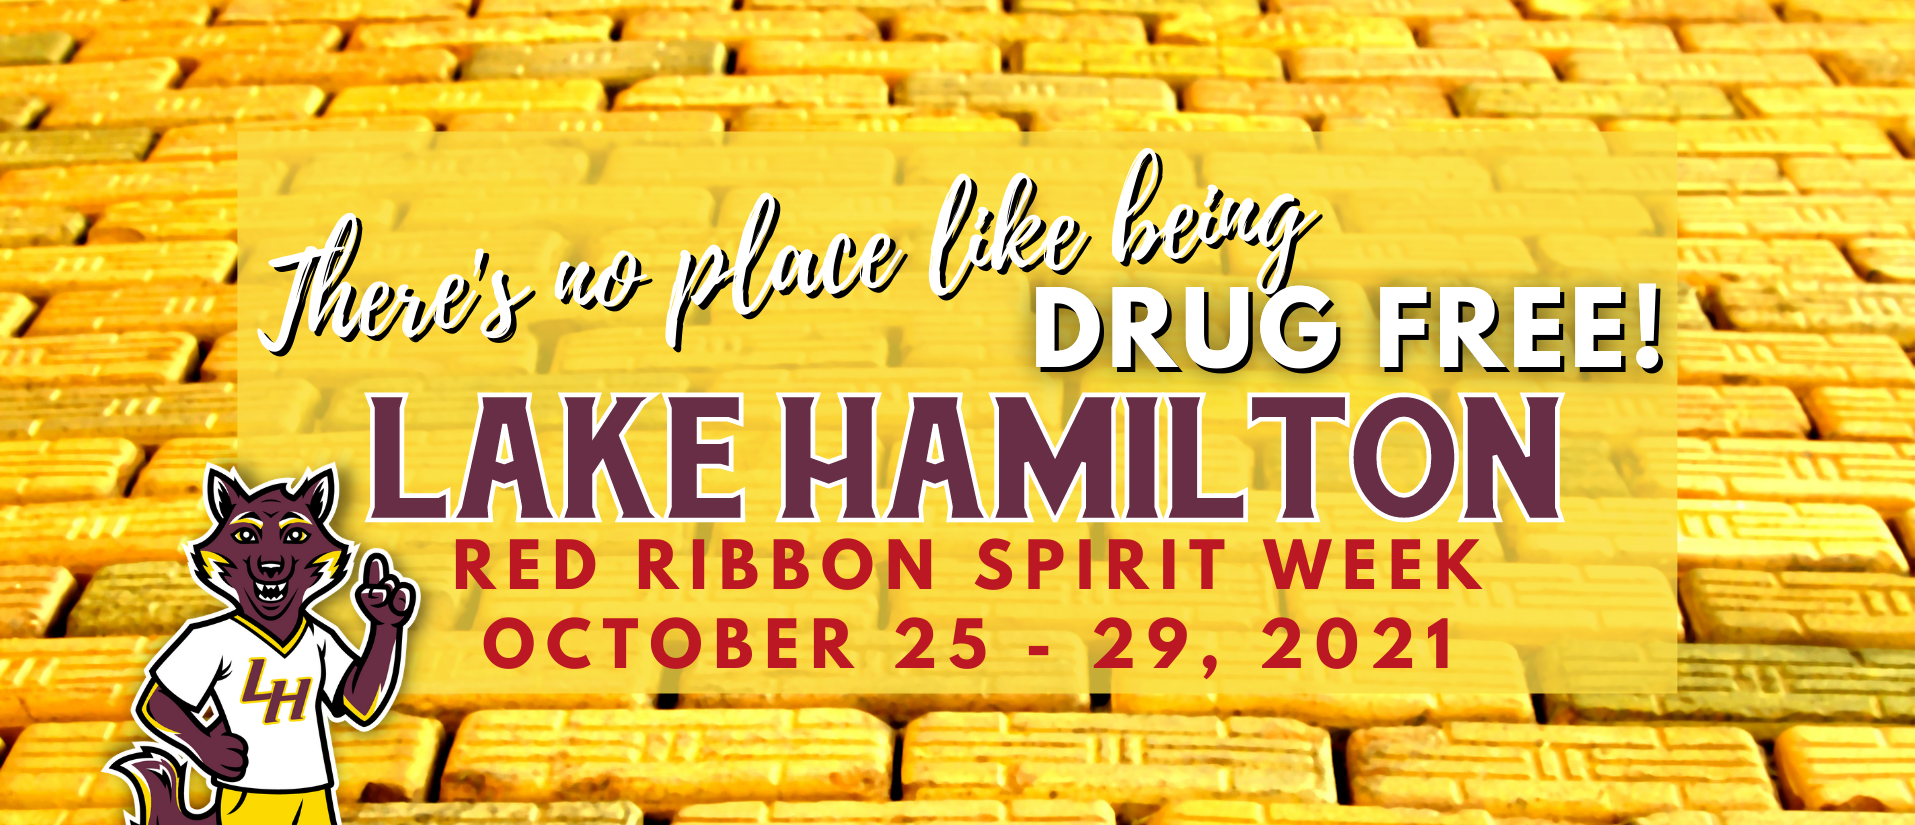 drug free spirit week